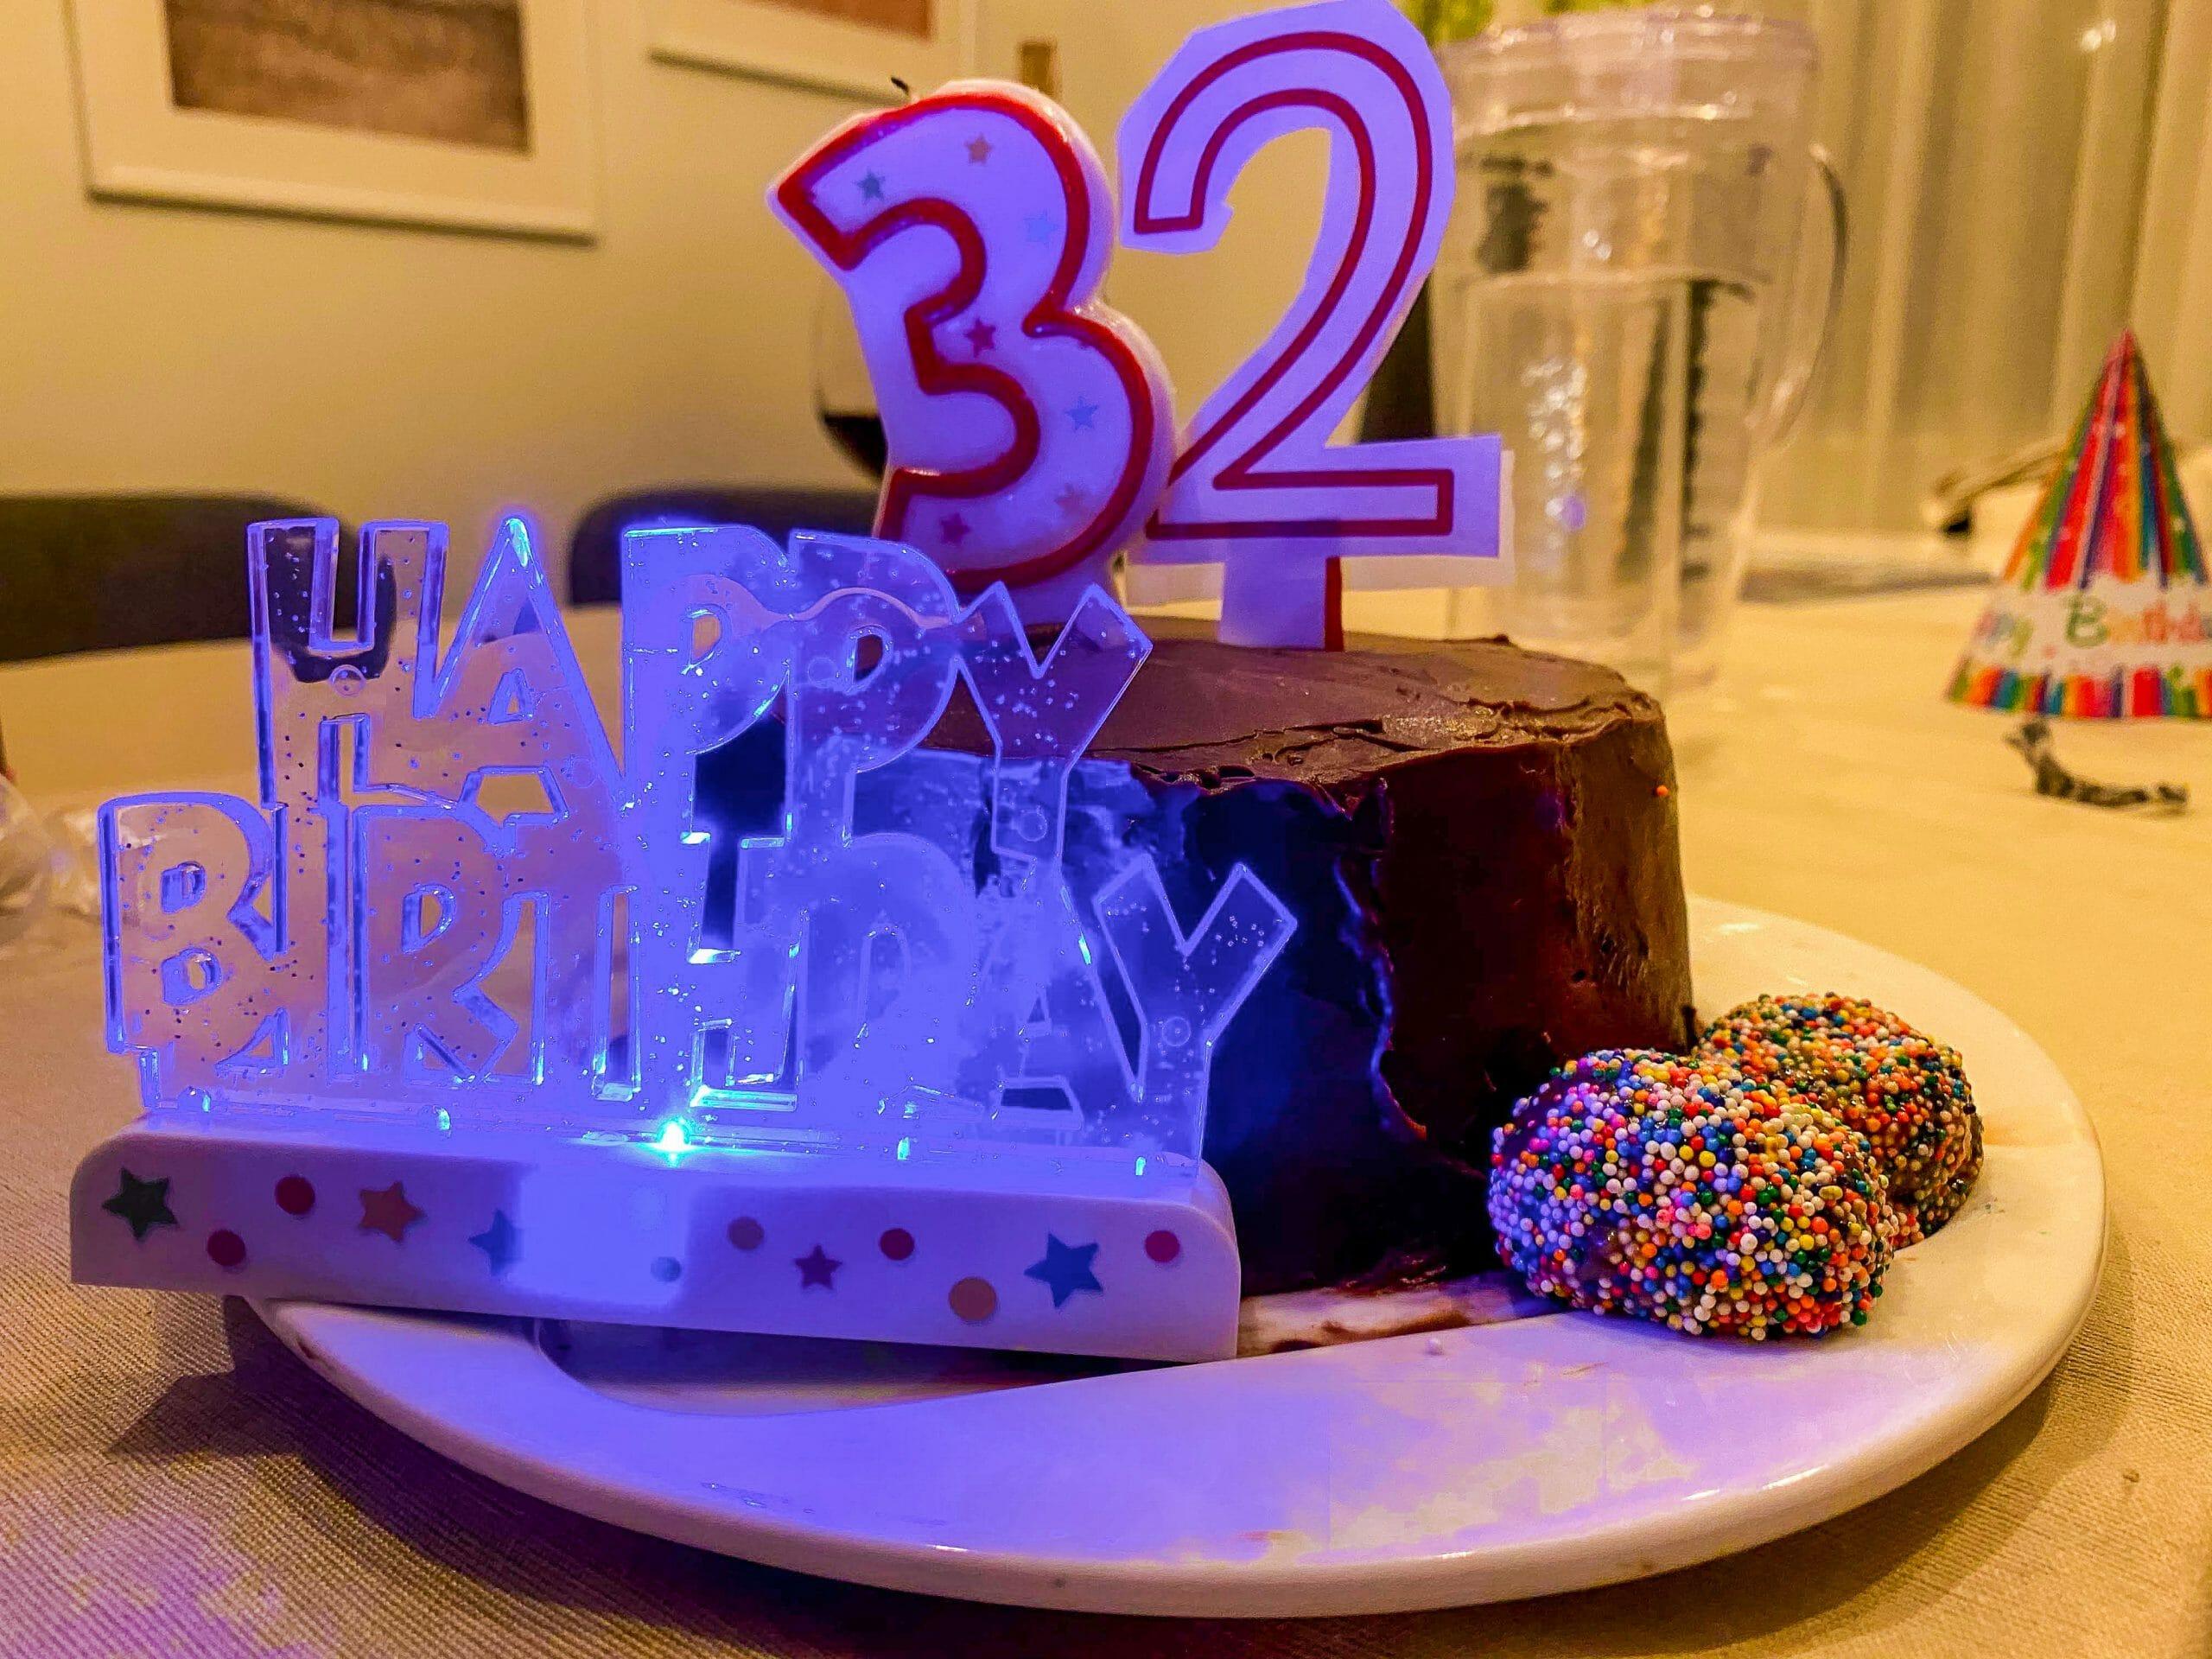 Foto do bolo de aniversário da Renata, com as velas indicando 32 anos, enquanto ela estava em quarentena em Orlando